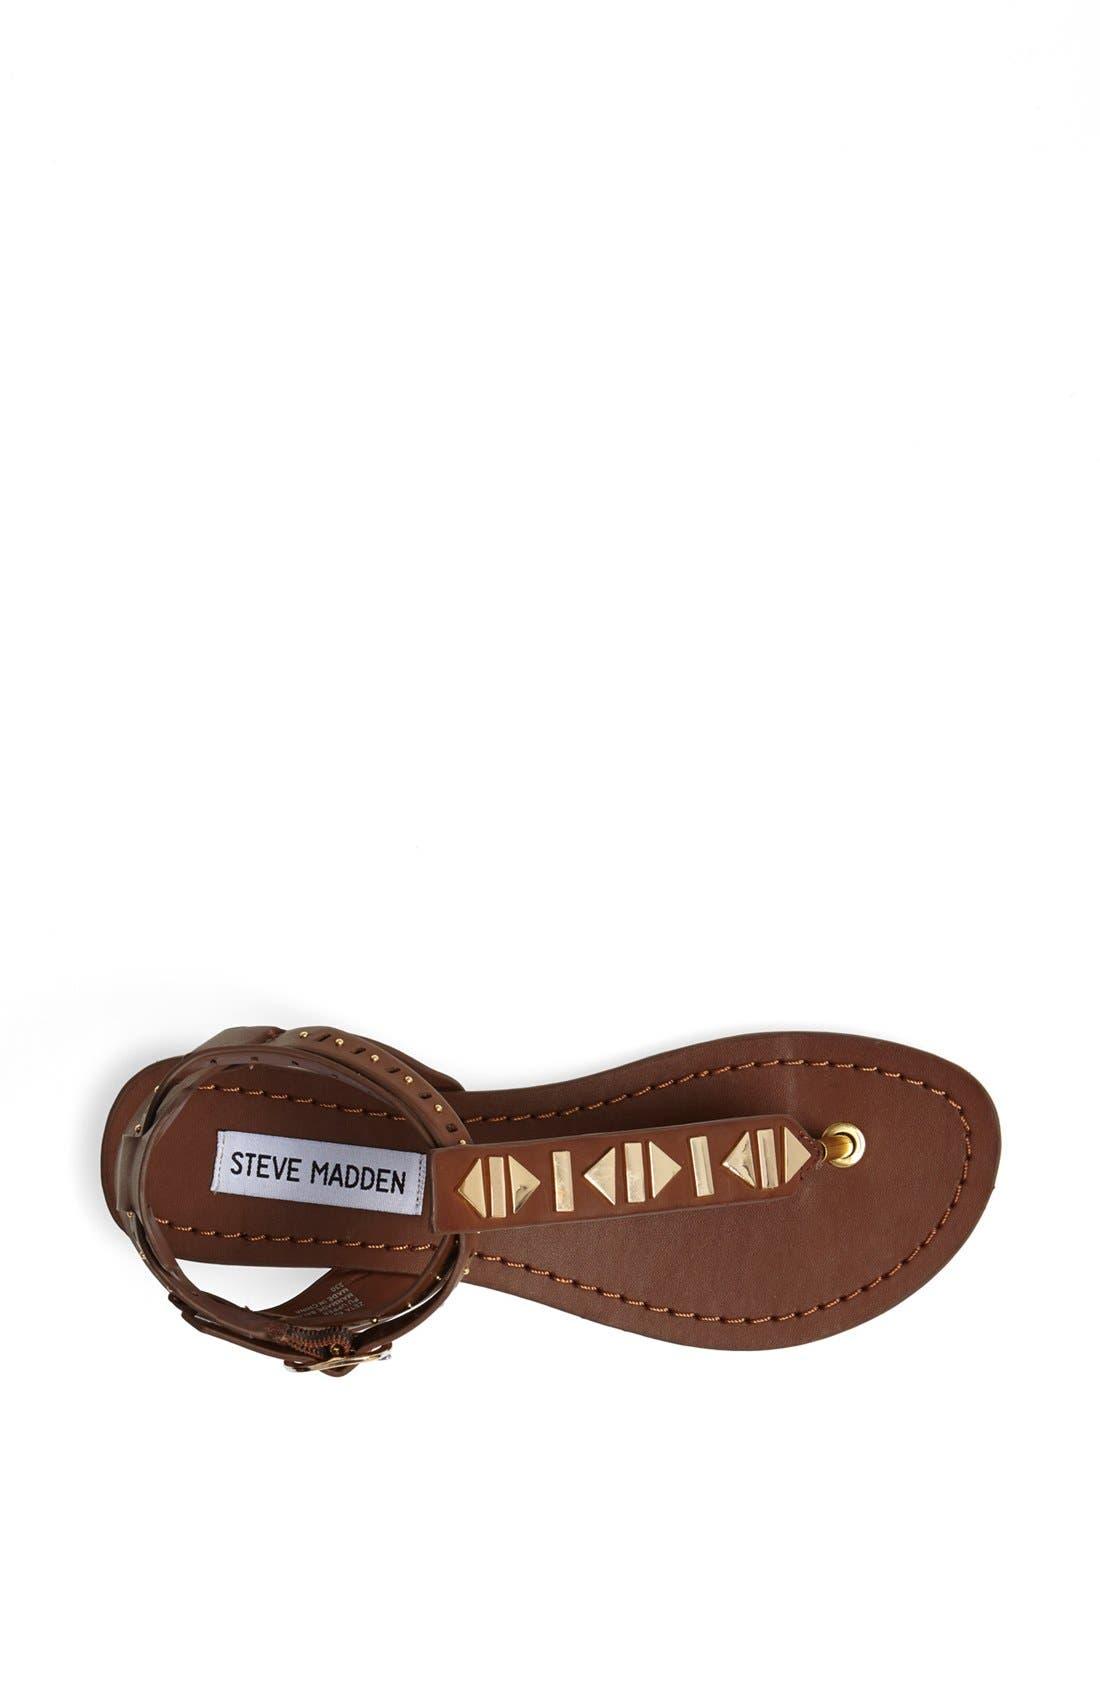 Alternate Image 3  - Steve Madden 'Zeta' Studded Sandal